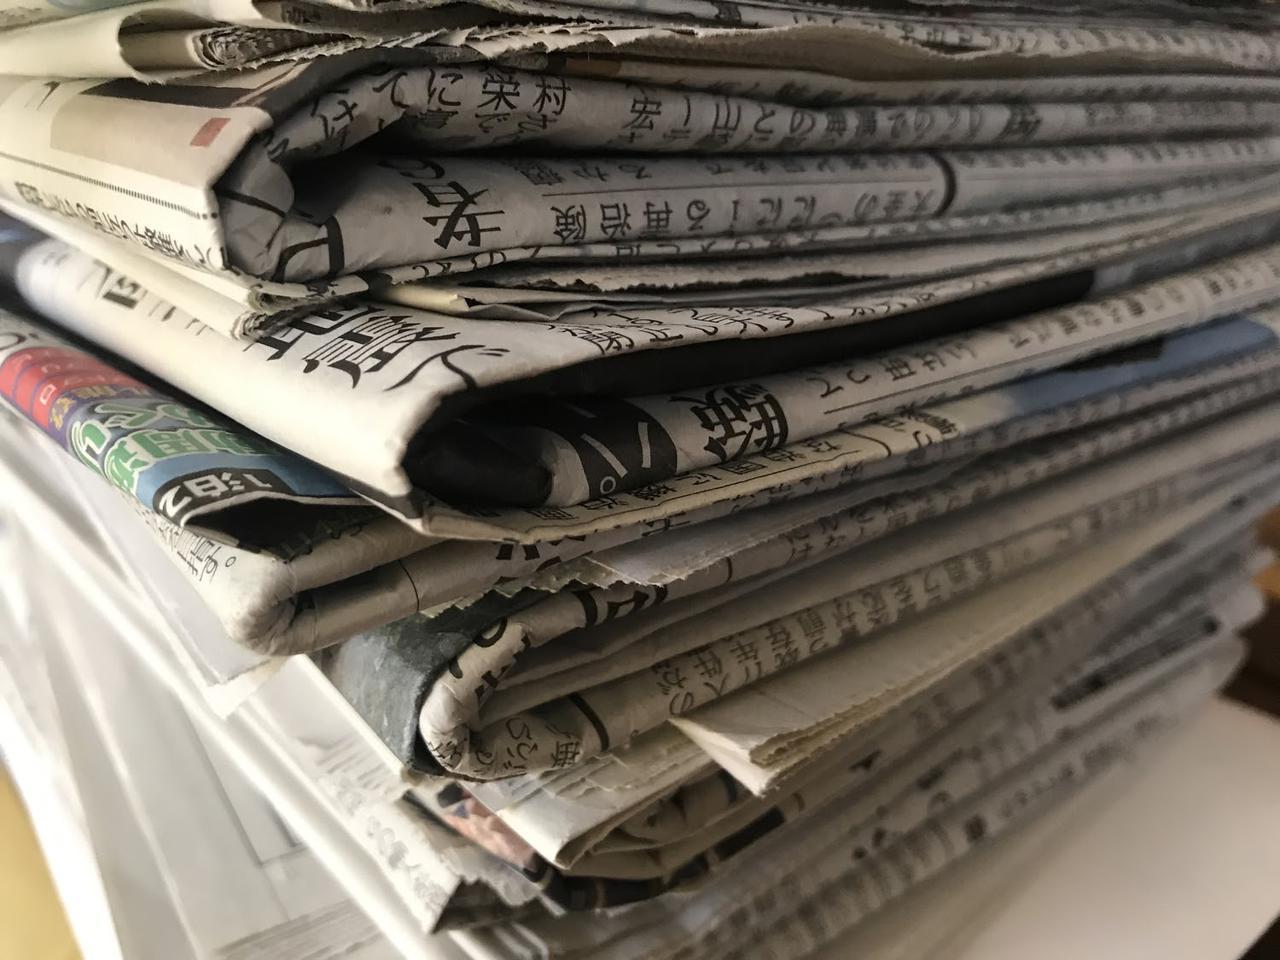 画像: 【紙薪】新聞紙で作る薪の簡単な作り方! 炭の代わりになるもの 着火剤としても活用可能! - ハピキャン|キャンプ・アウトドア情報メディア